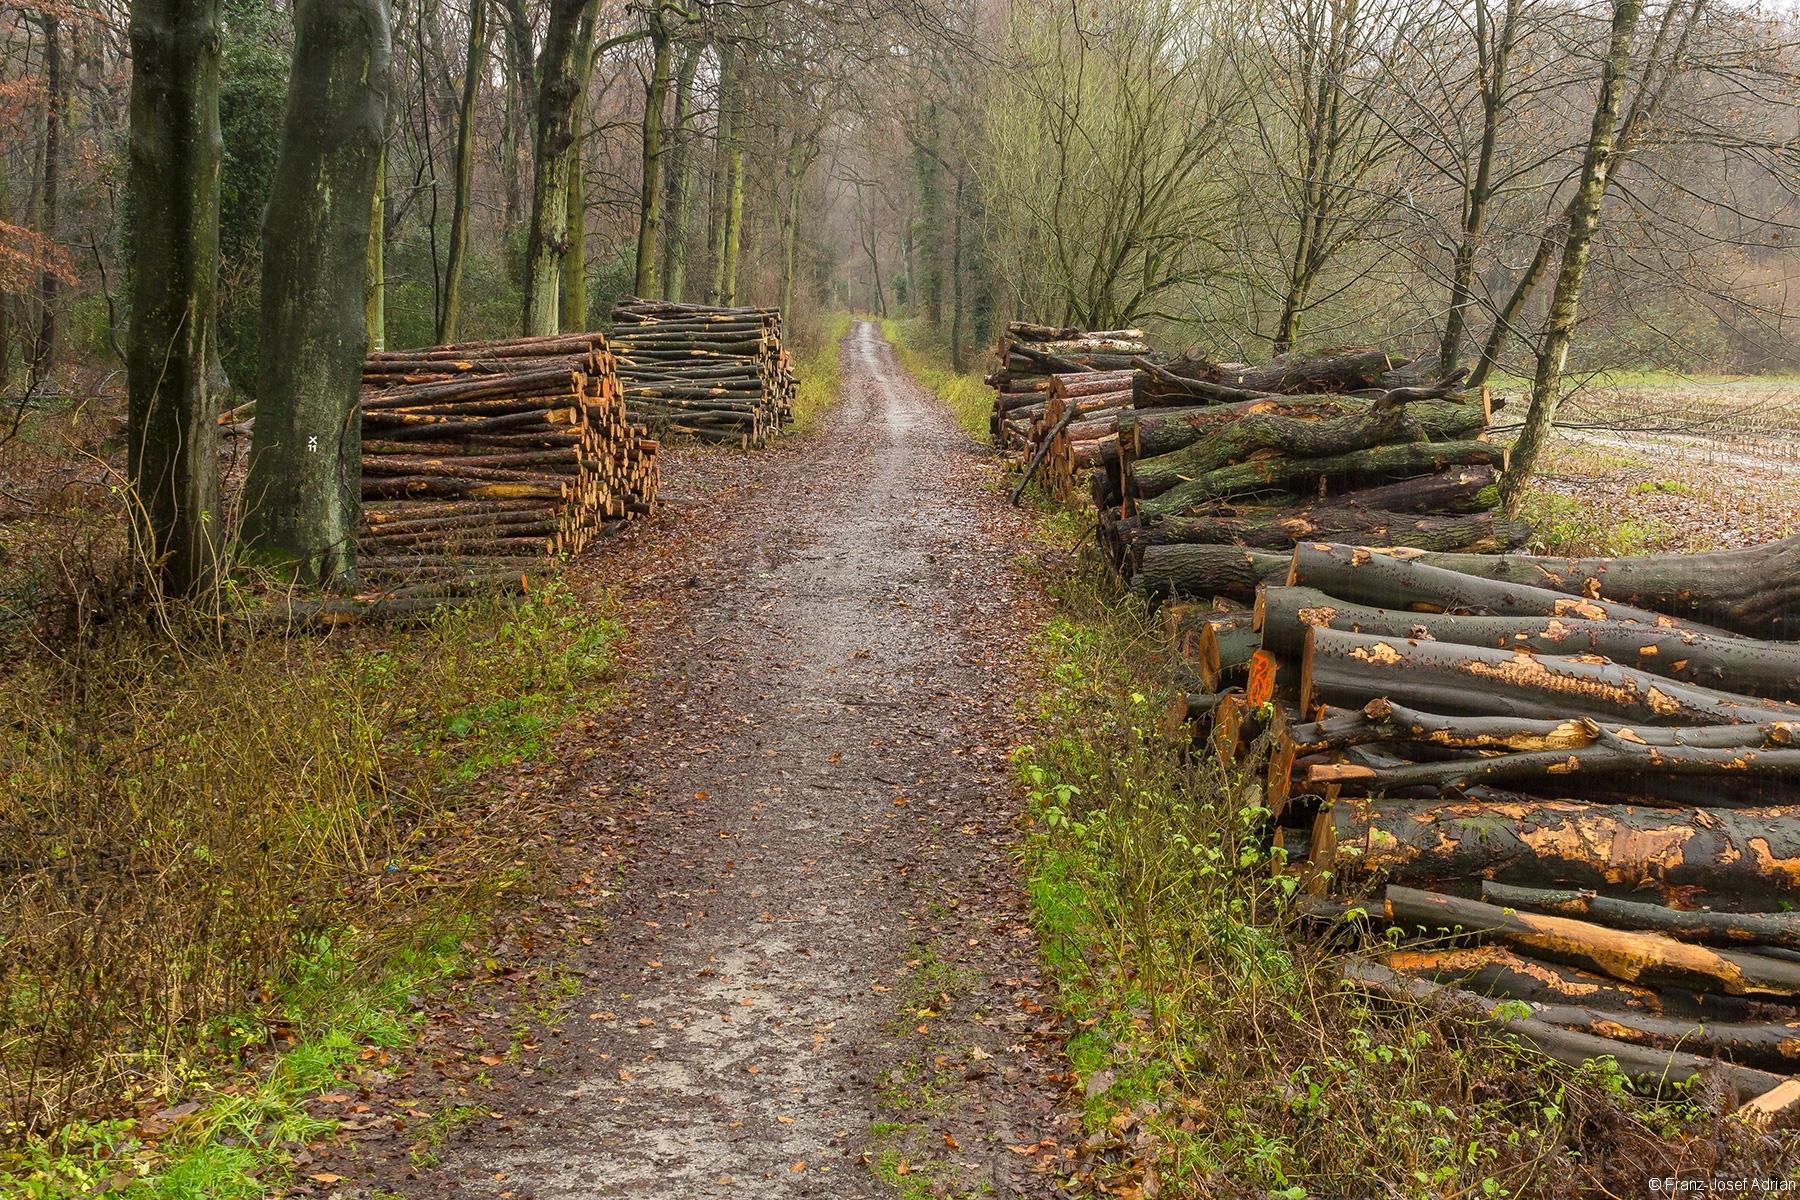 Gesamtansicht der Holzpolter am Schlehenkamp